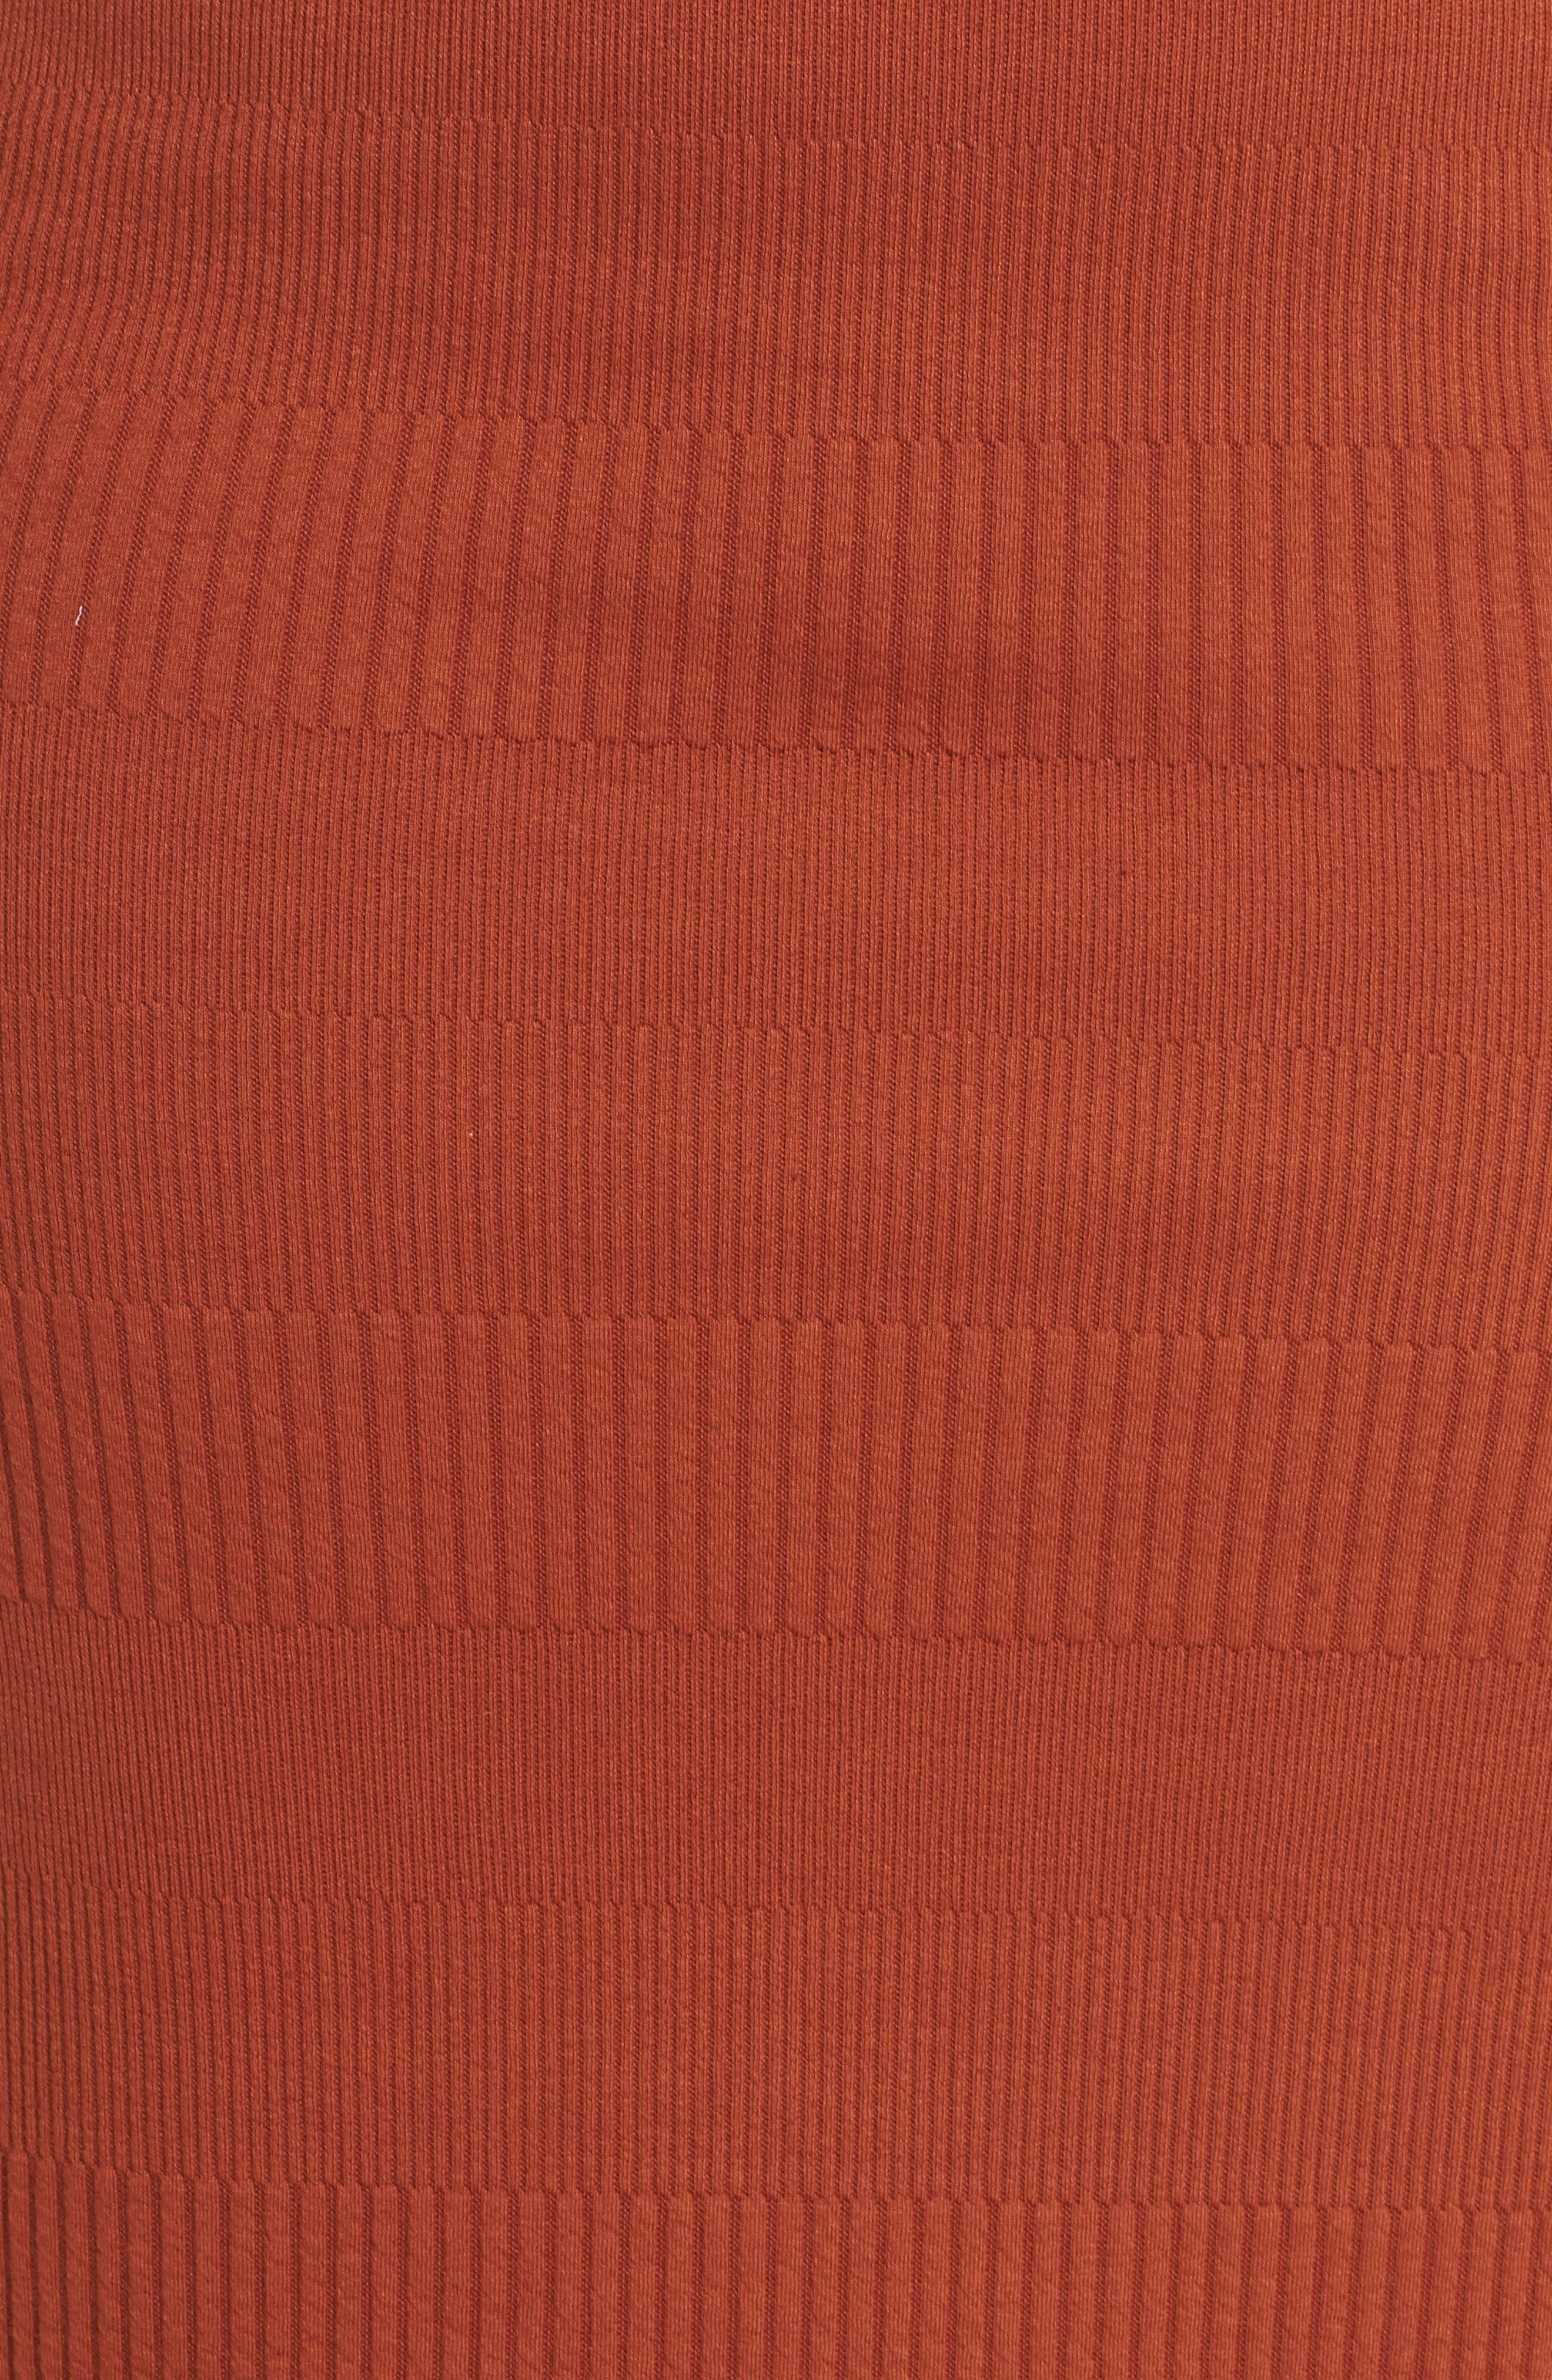 Midi Pencil Skirt,                             Alternate thumbnail 5, color,                             210